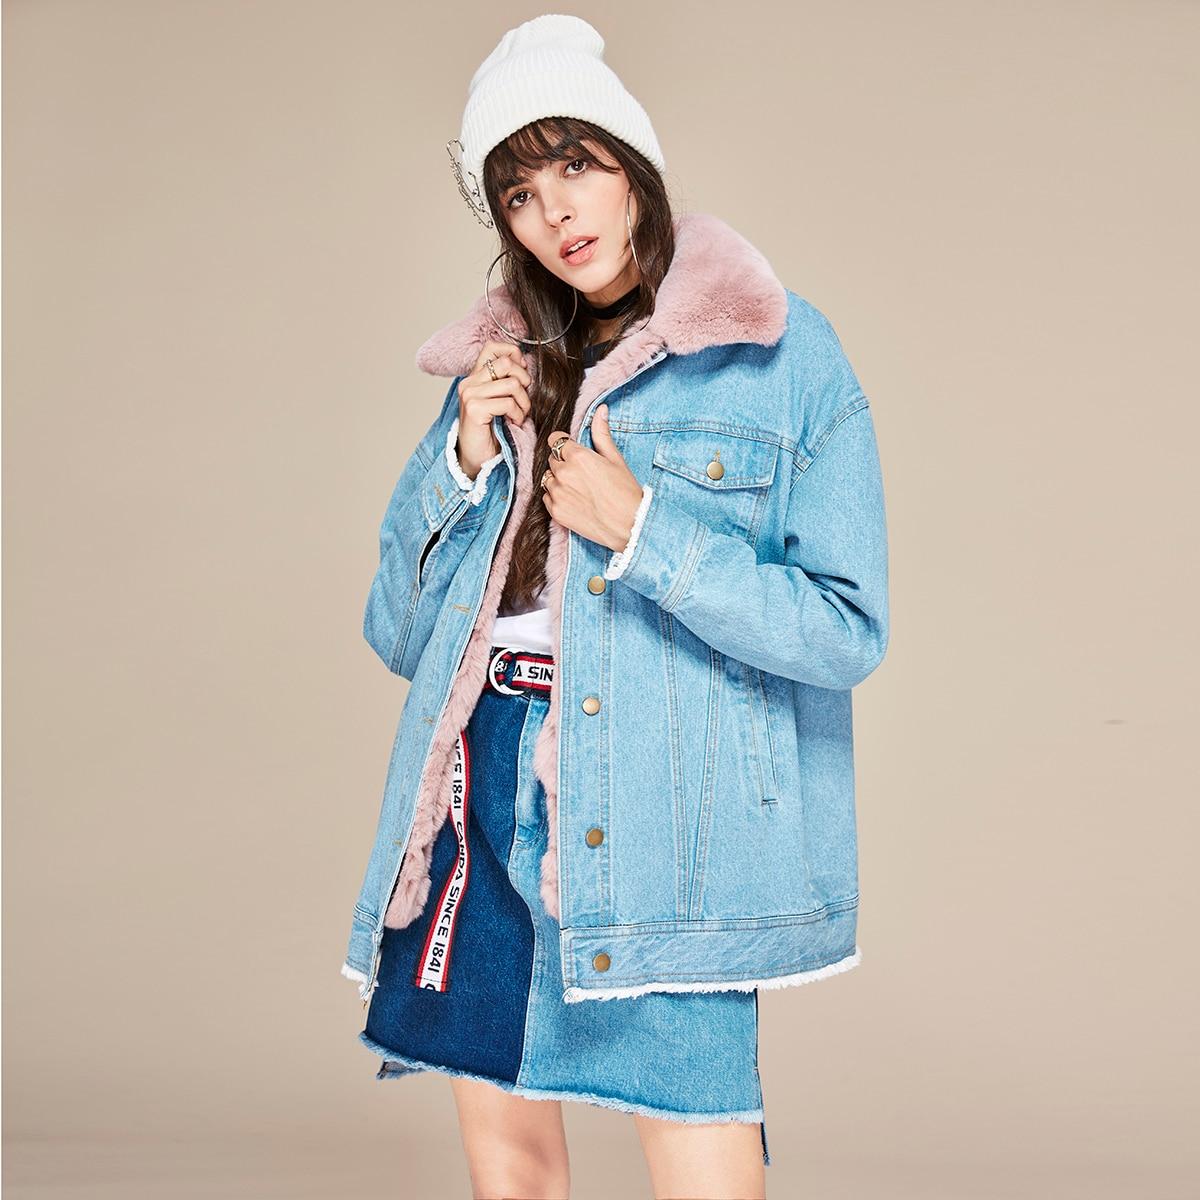 Femmes Amovible D'hiver Et Réel Rue Doublure color 2 De High 1 New Col Color Fashion Oversize Denim color Veste Lapin Fourrure 3 80xtwn7